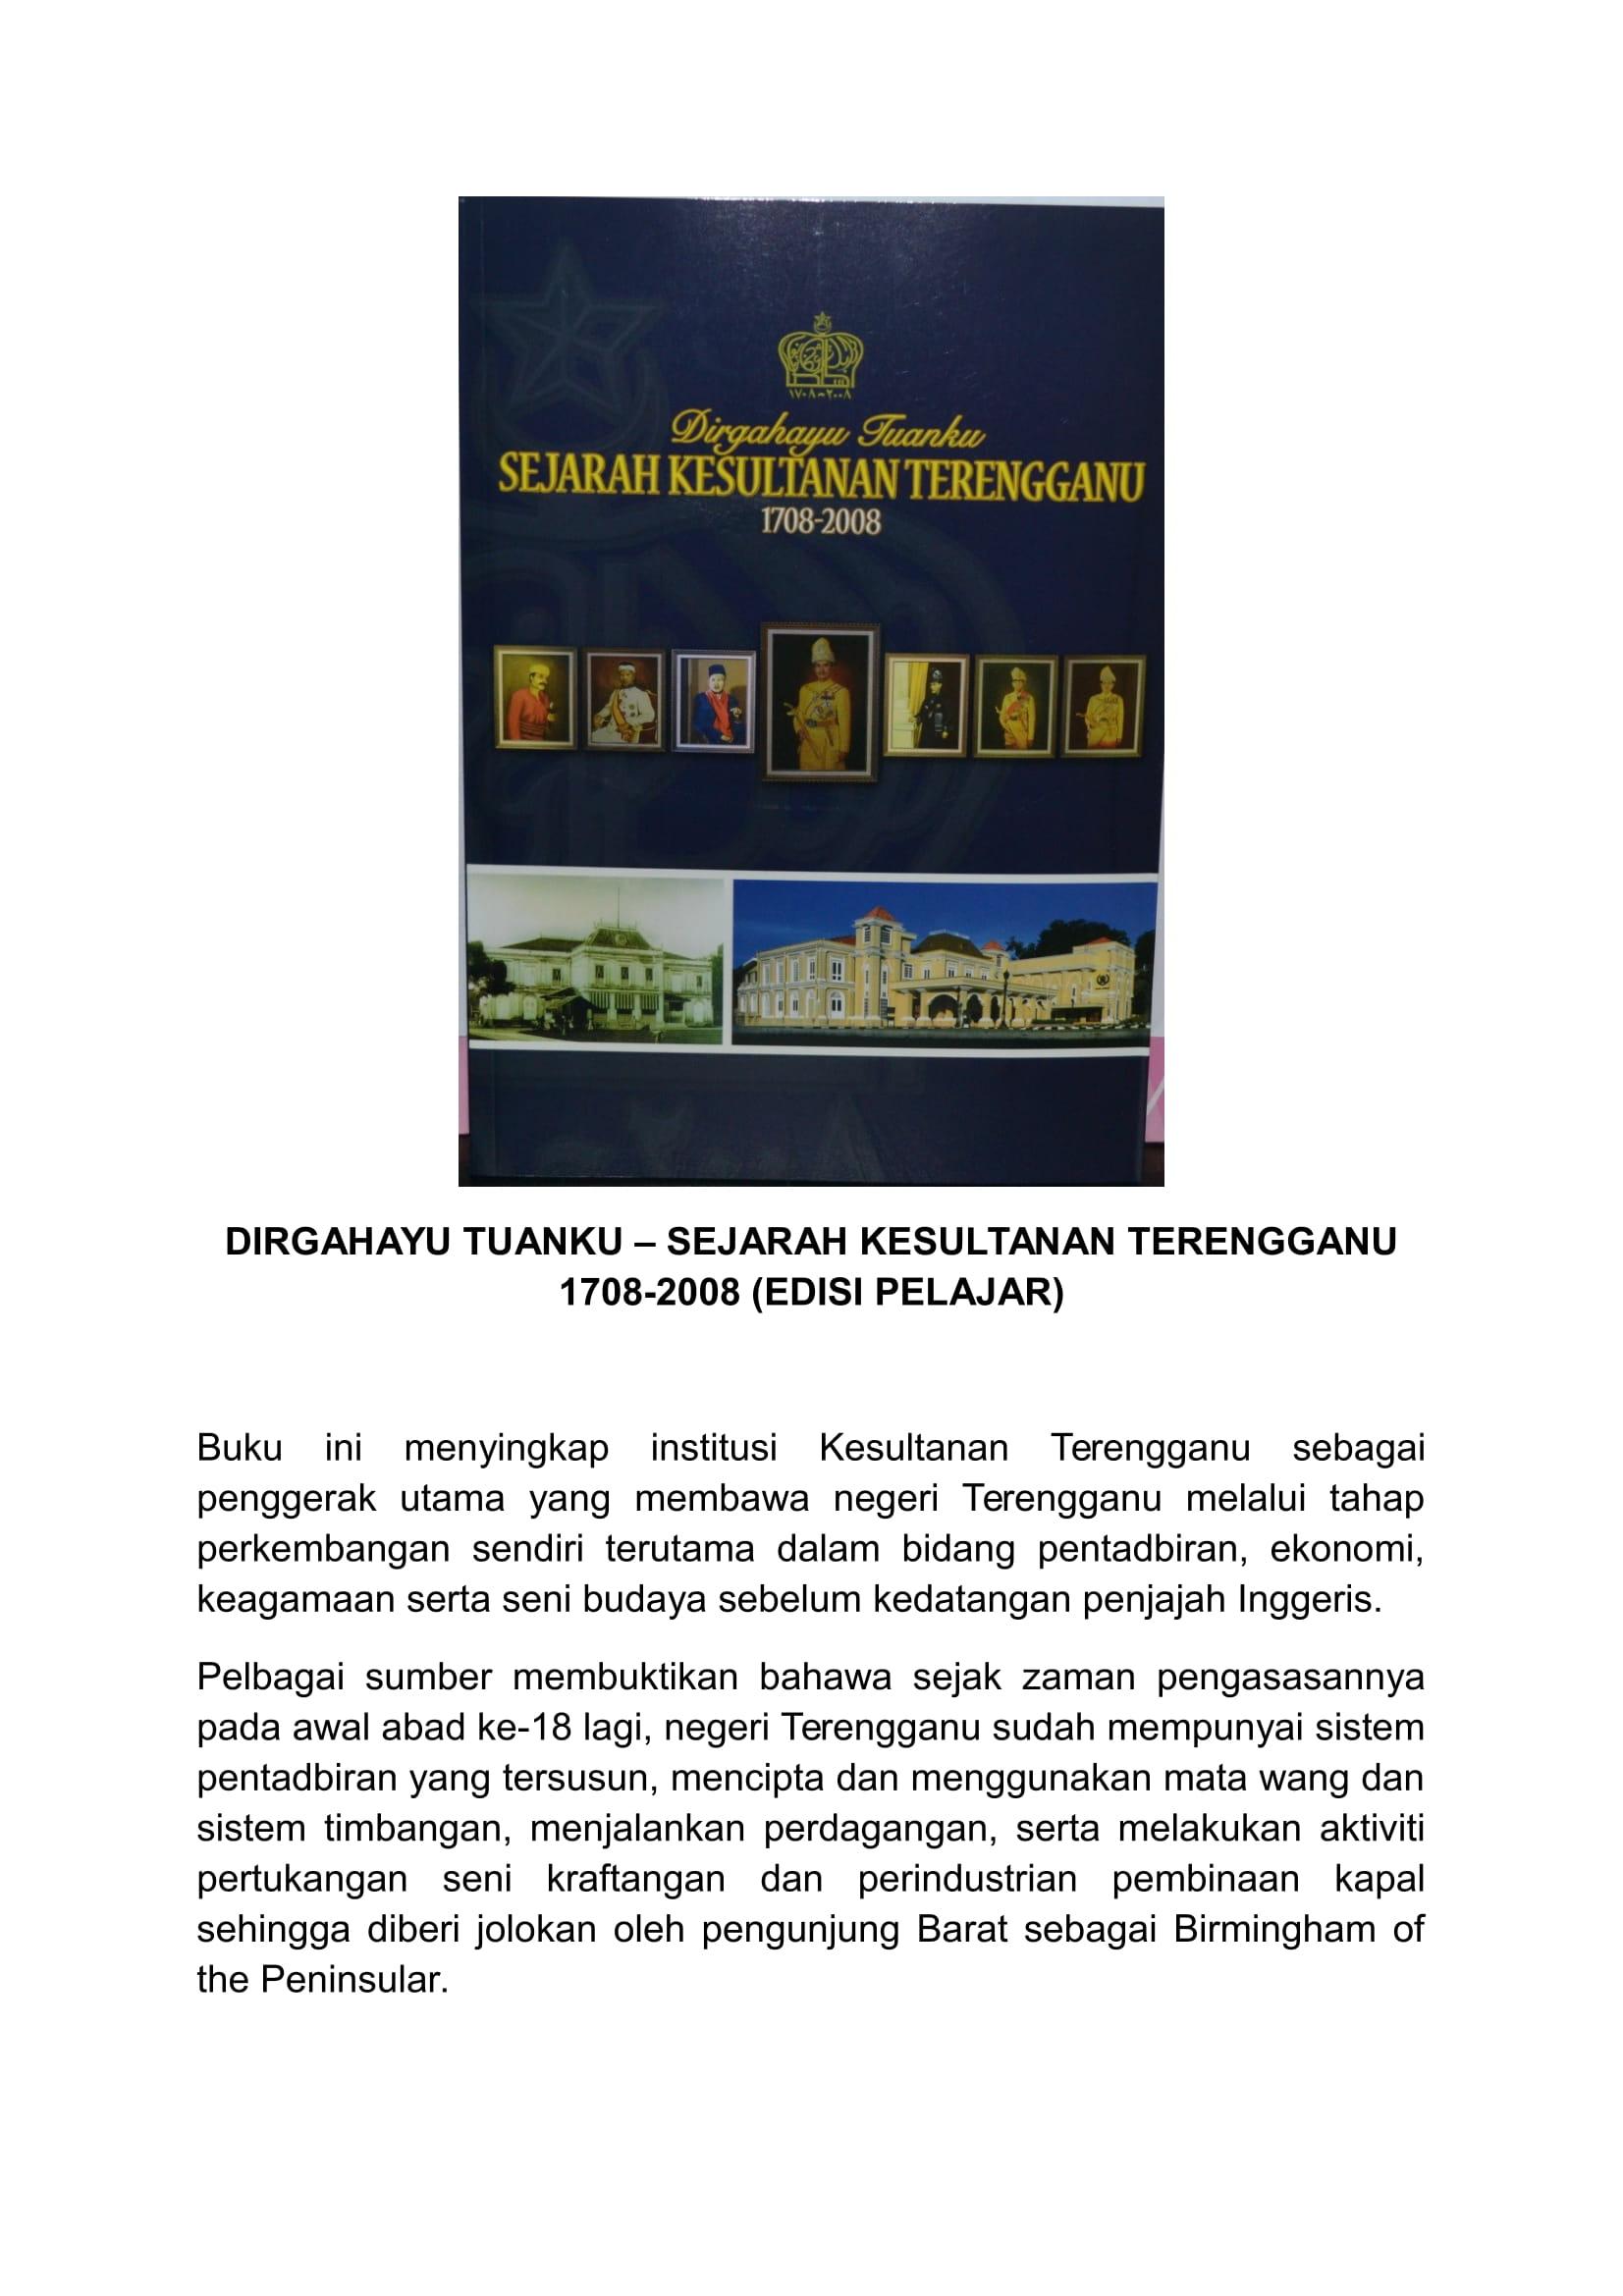 DIRGAHAYU TUANKU - SEJARAH KESULTANAN TERENGGANU 1708-2008 - EDISI PELAJAR (RM65.00)